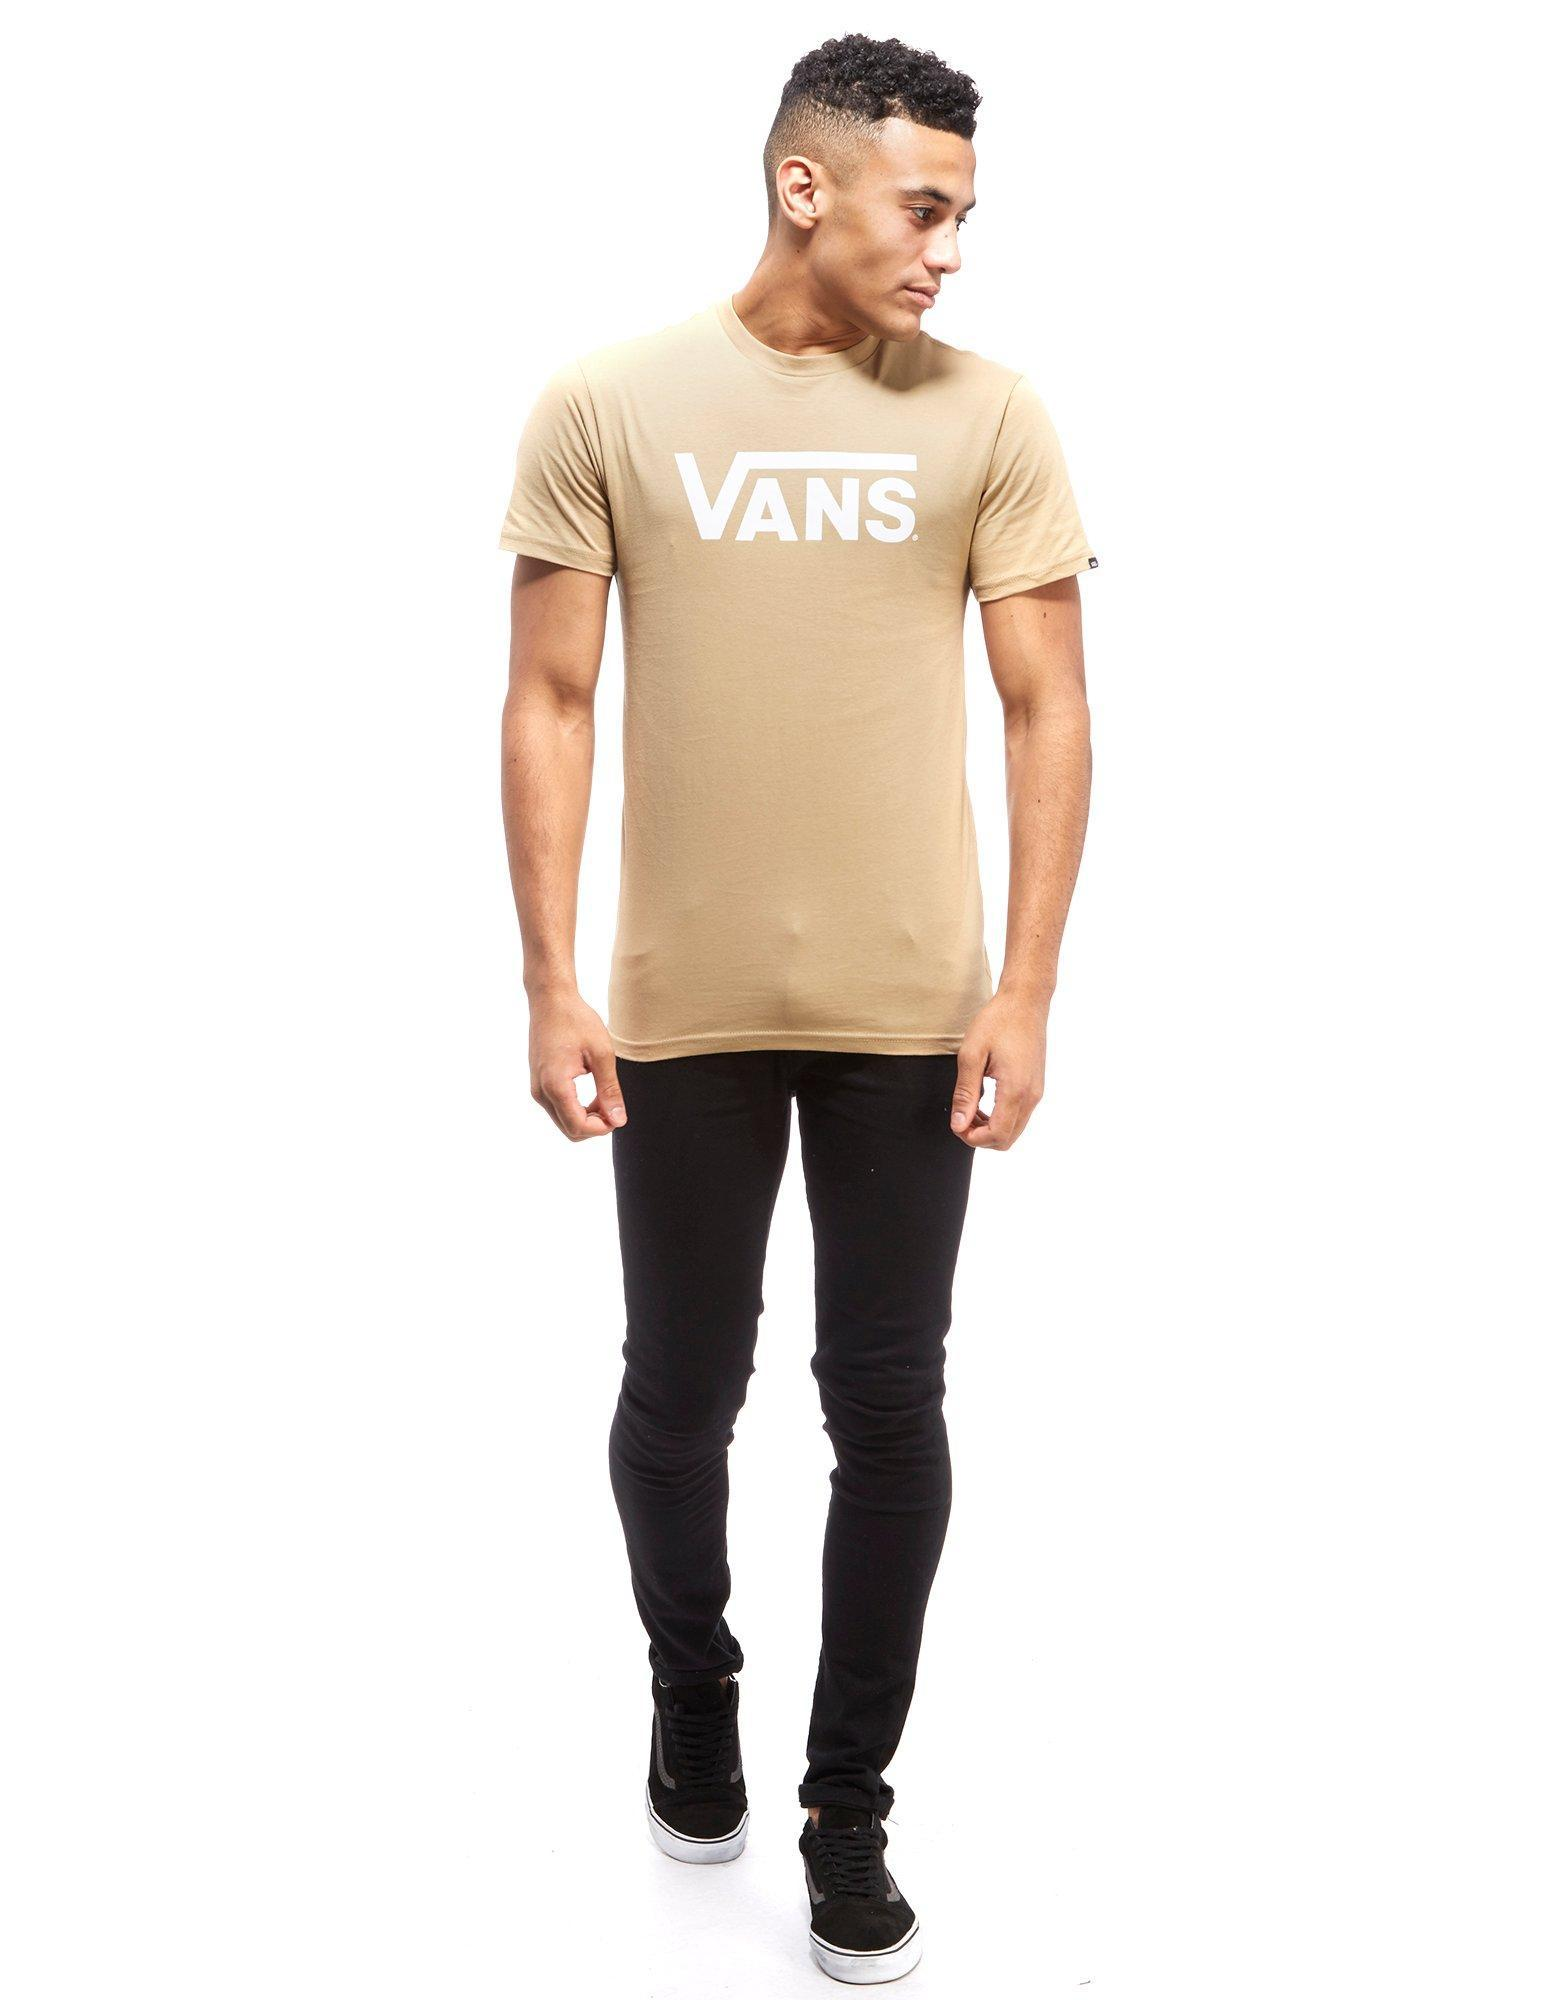 vans beige t shirt